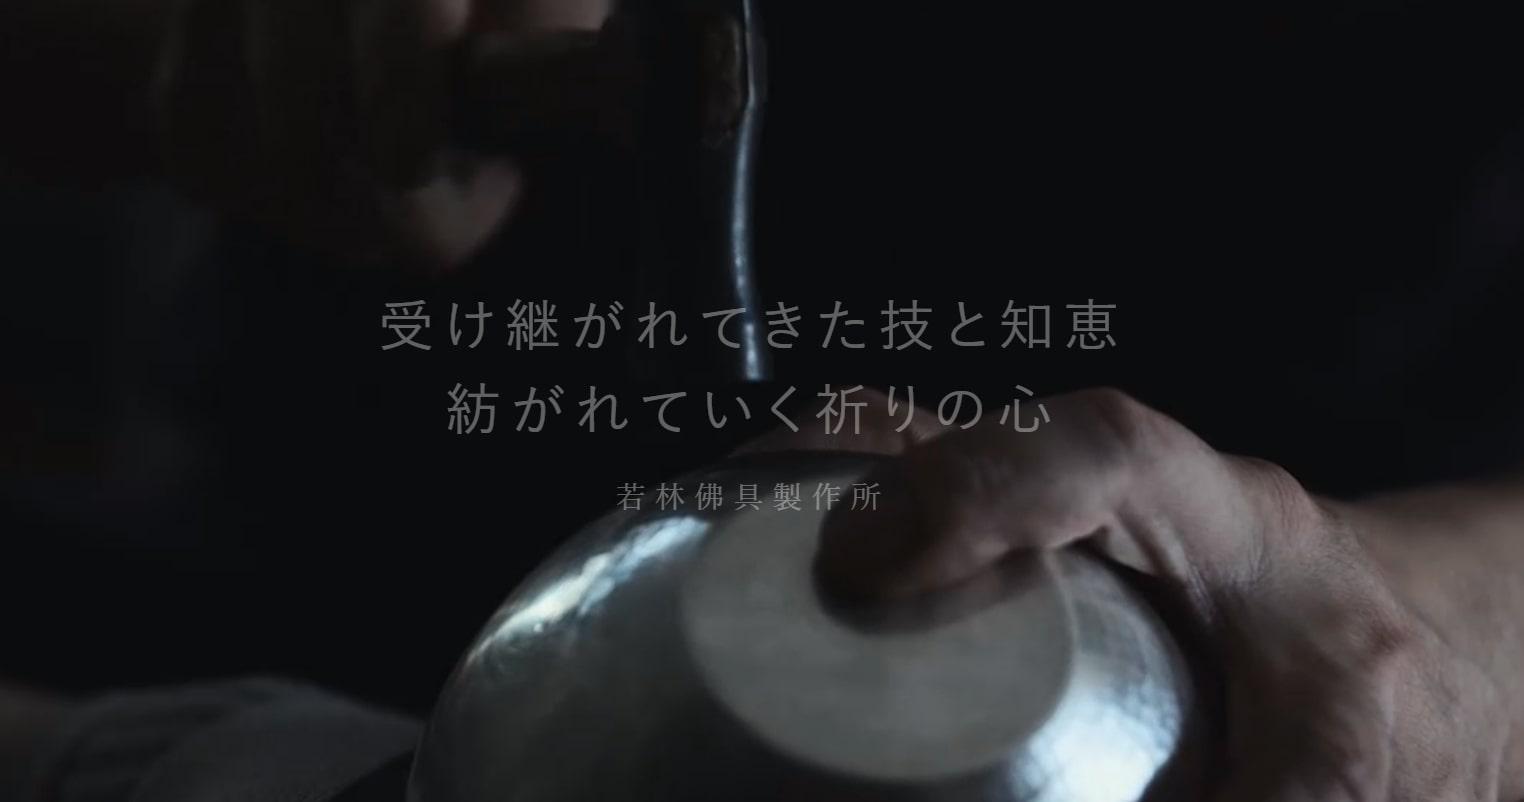 https://www.wakabayashi.co.jp/